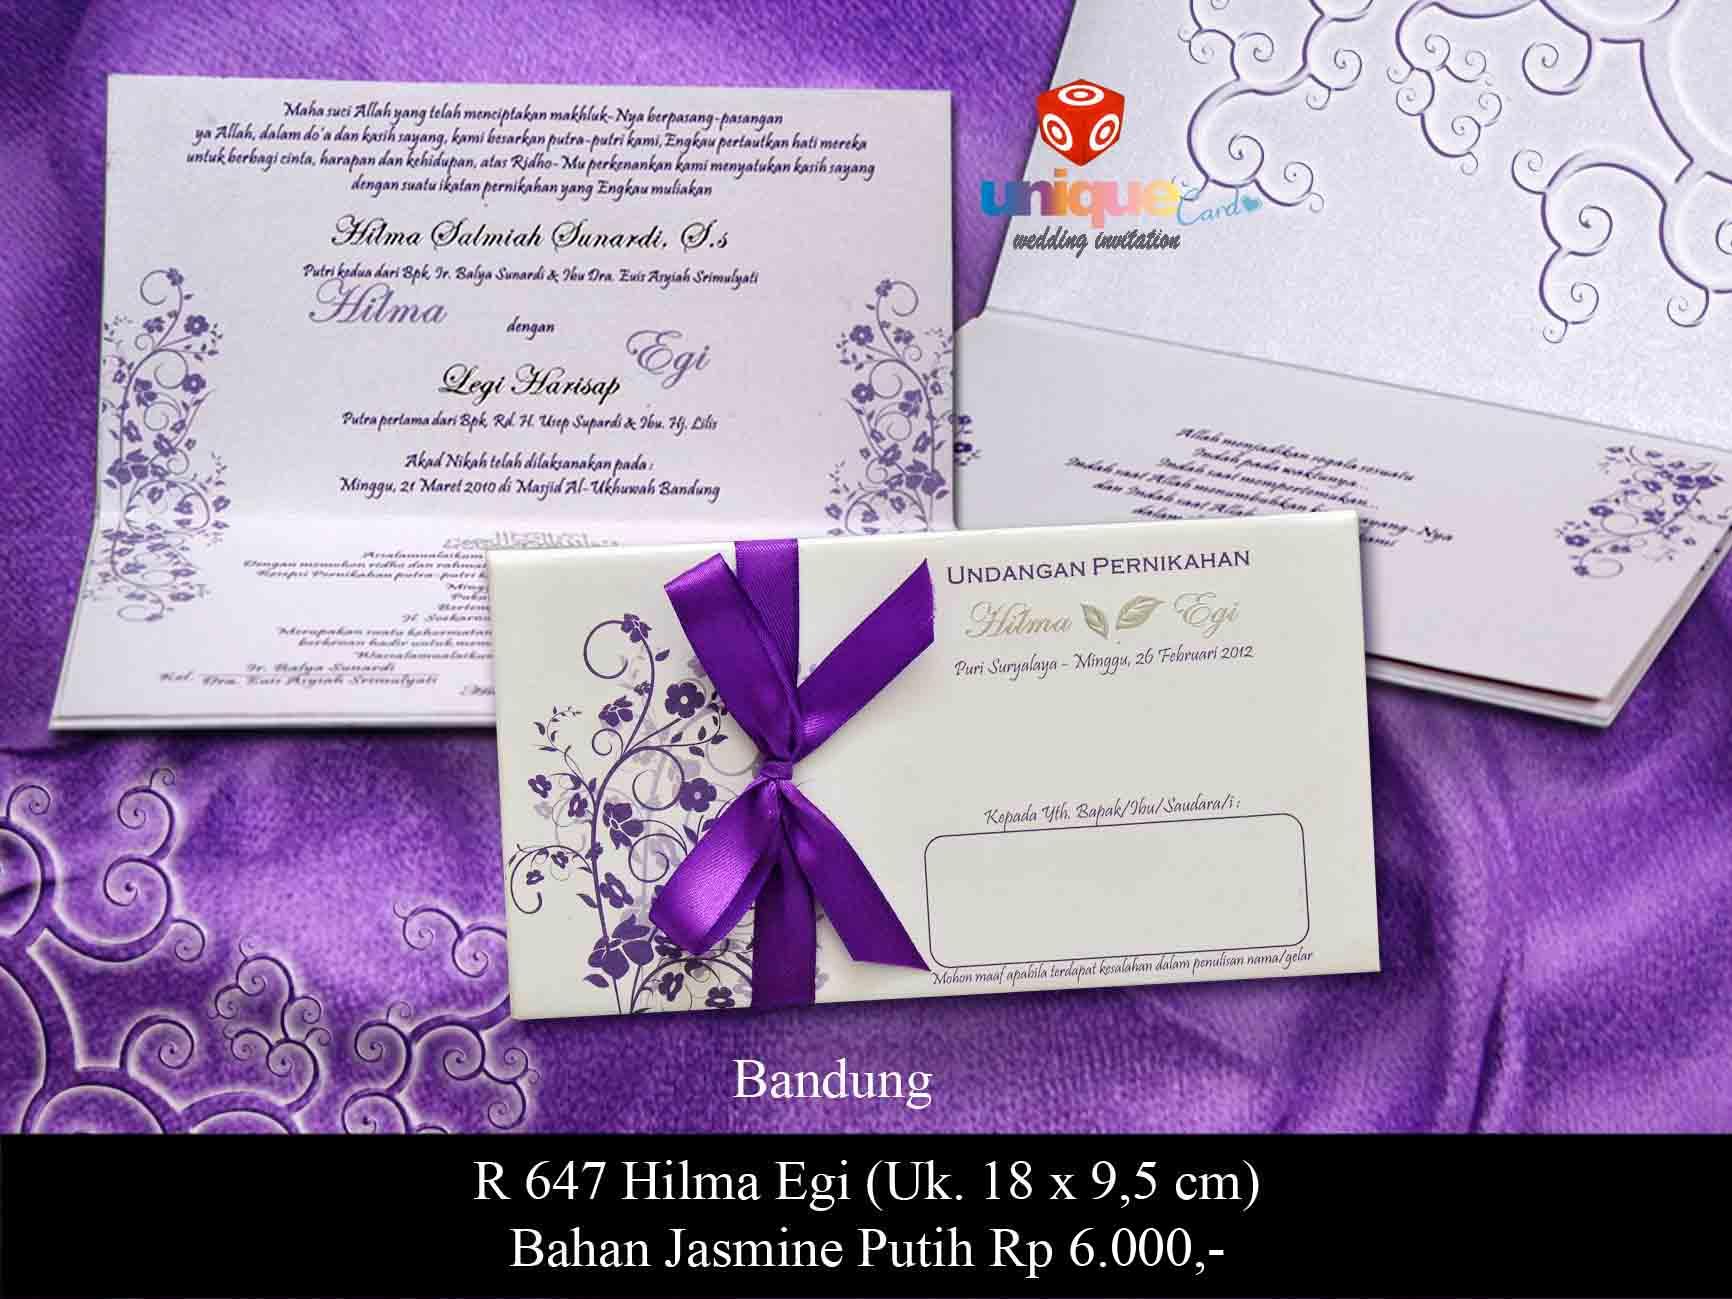 unique gallery undangan pernikahan wedding invitation